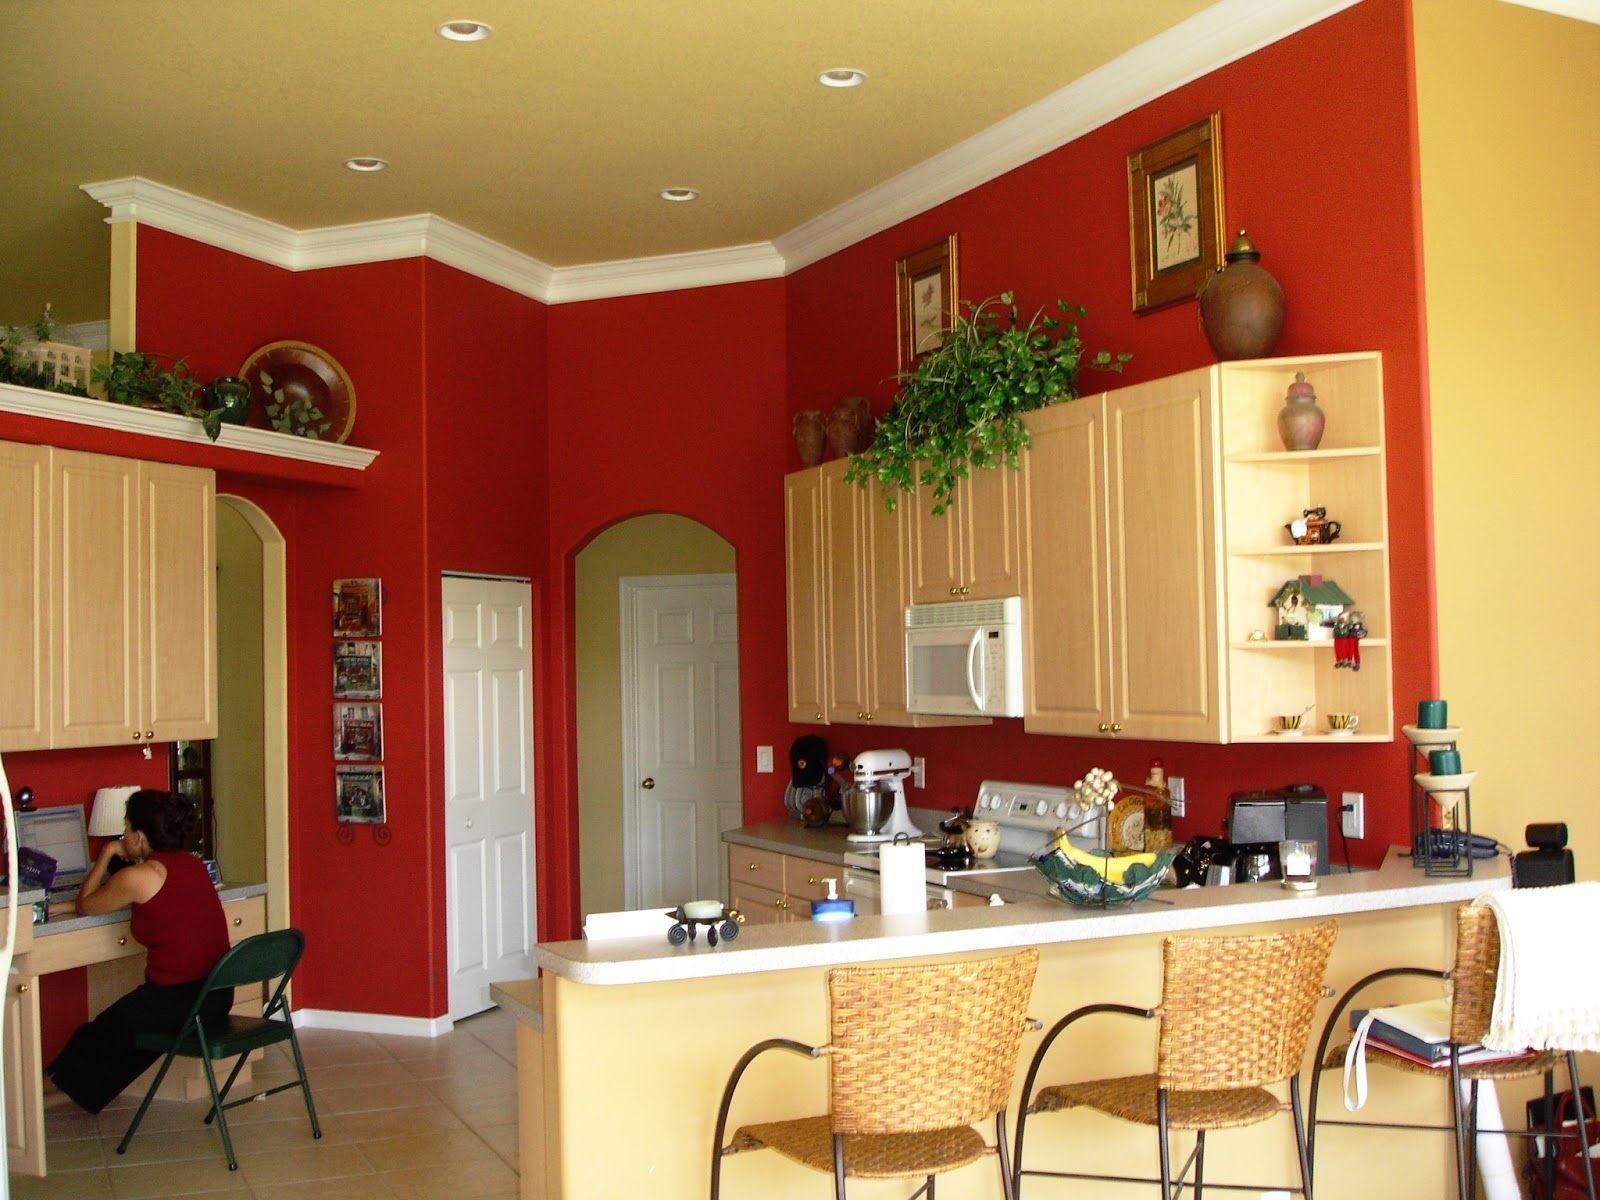 Paint Colors Suggestions Rote Wand Kuche Farben Fur Kuchenwande Wohnkuche